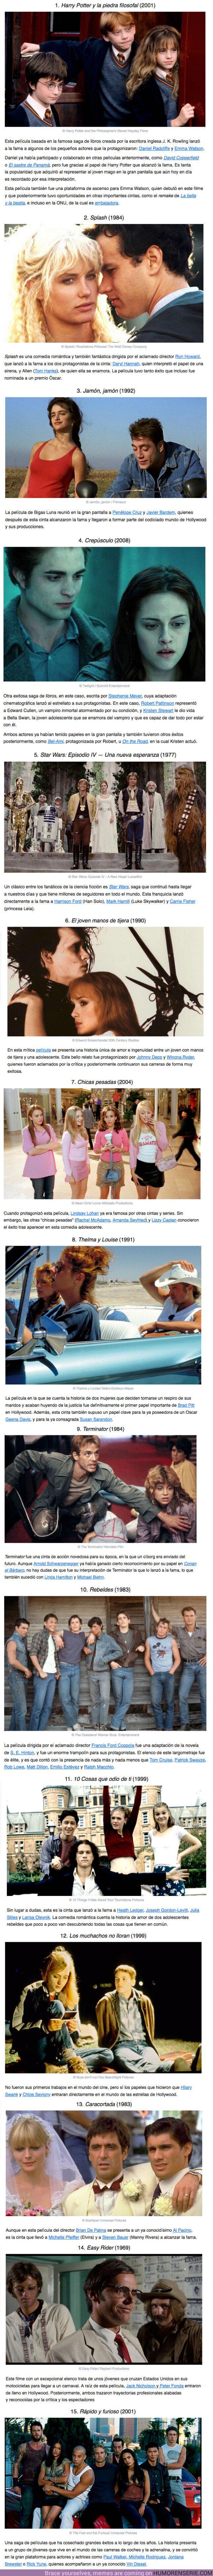 55714 - SUCCESS OR DIE: 15 Películas que llevaron a sus protagonistas del anonimato a la fama